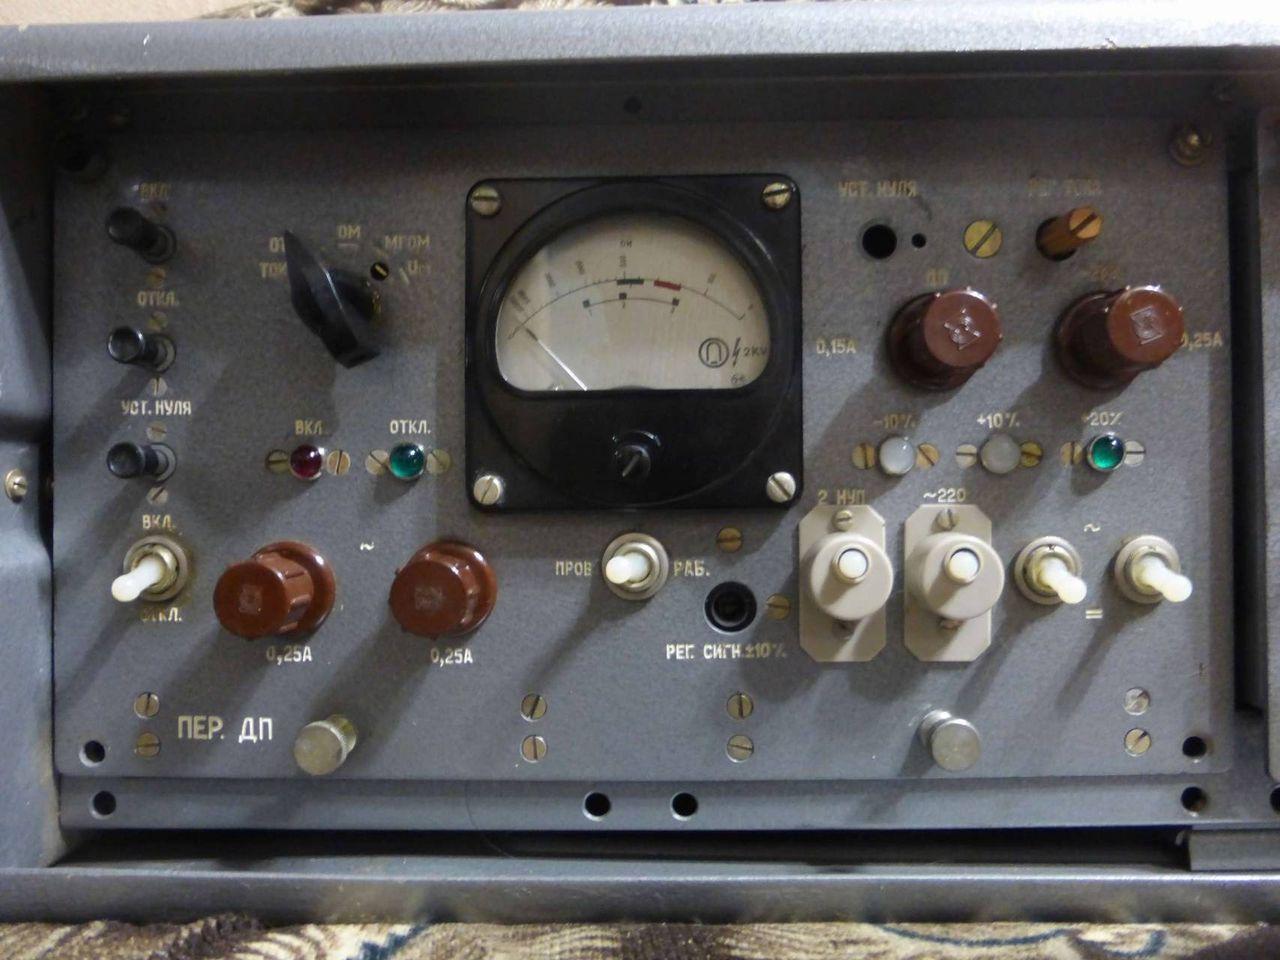 Система передачи п-303 предназначена для образования 6(3) каналов тональной частоты по проводным, радиорелейным, тропосферным линиям связи в диапазоне частот 4-32 кгц